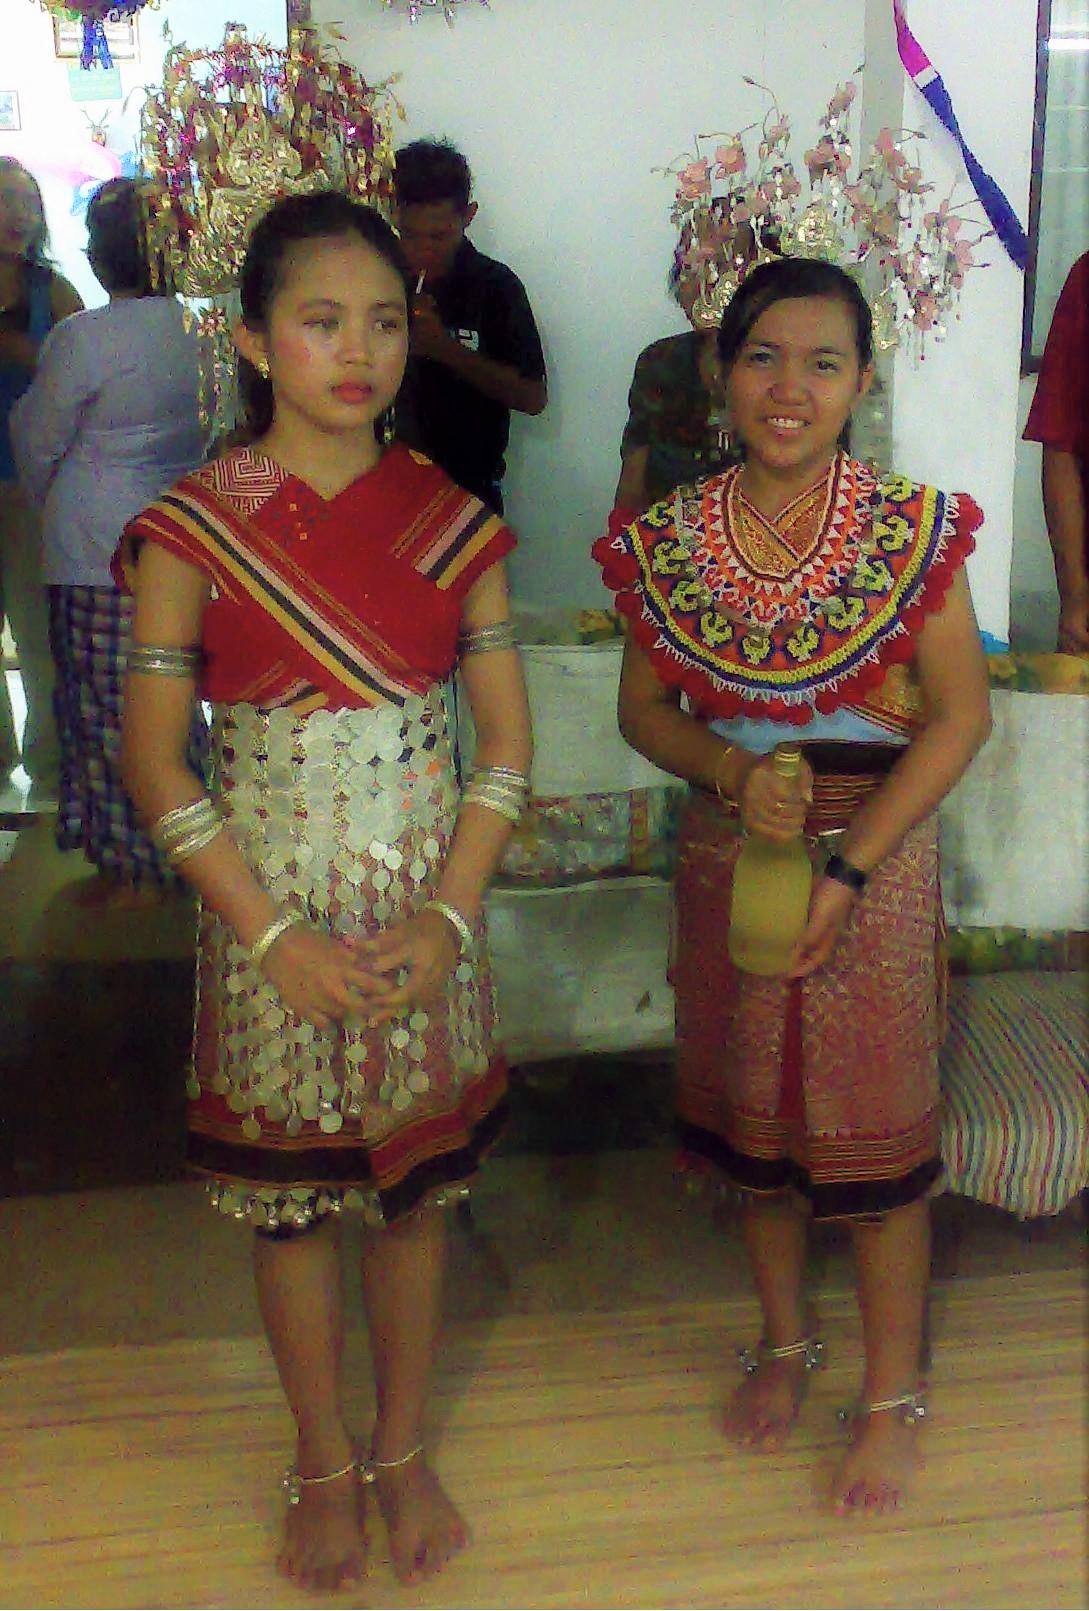 Suku Bangsa Di Brunei Darussalam : bangsa, brunei, darussalam, Dayak, Wikipedia, Bahasa, Indonesia,, Ensiklopedia, Bebas